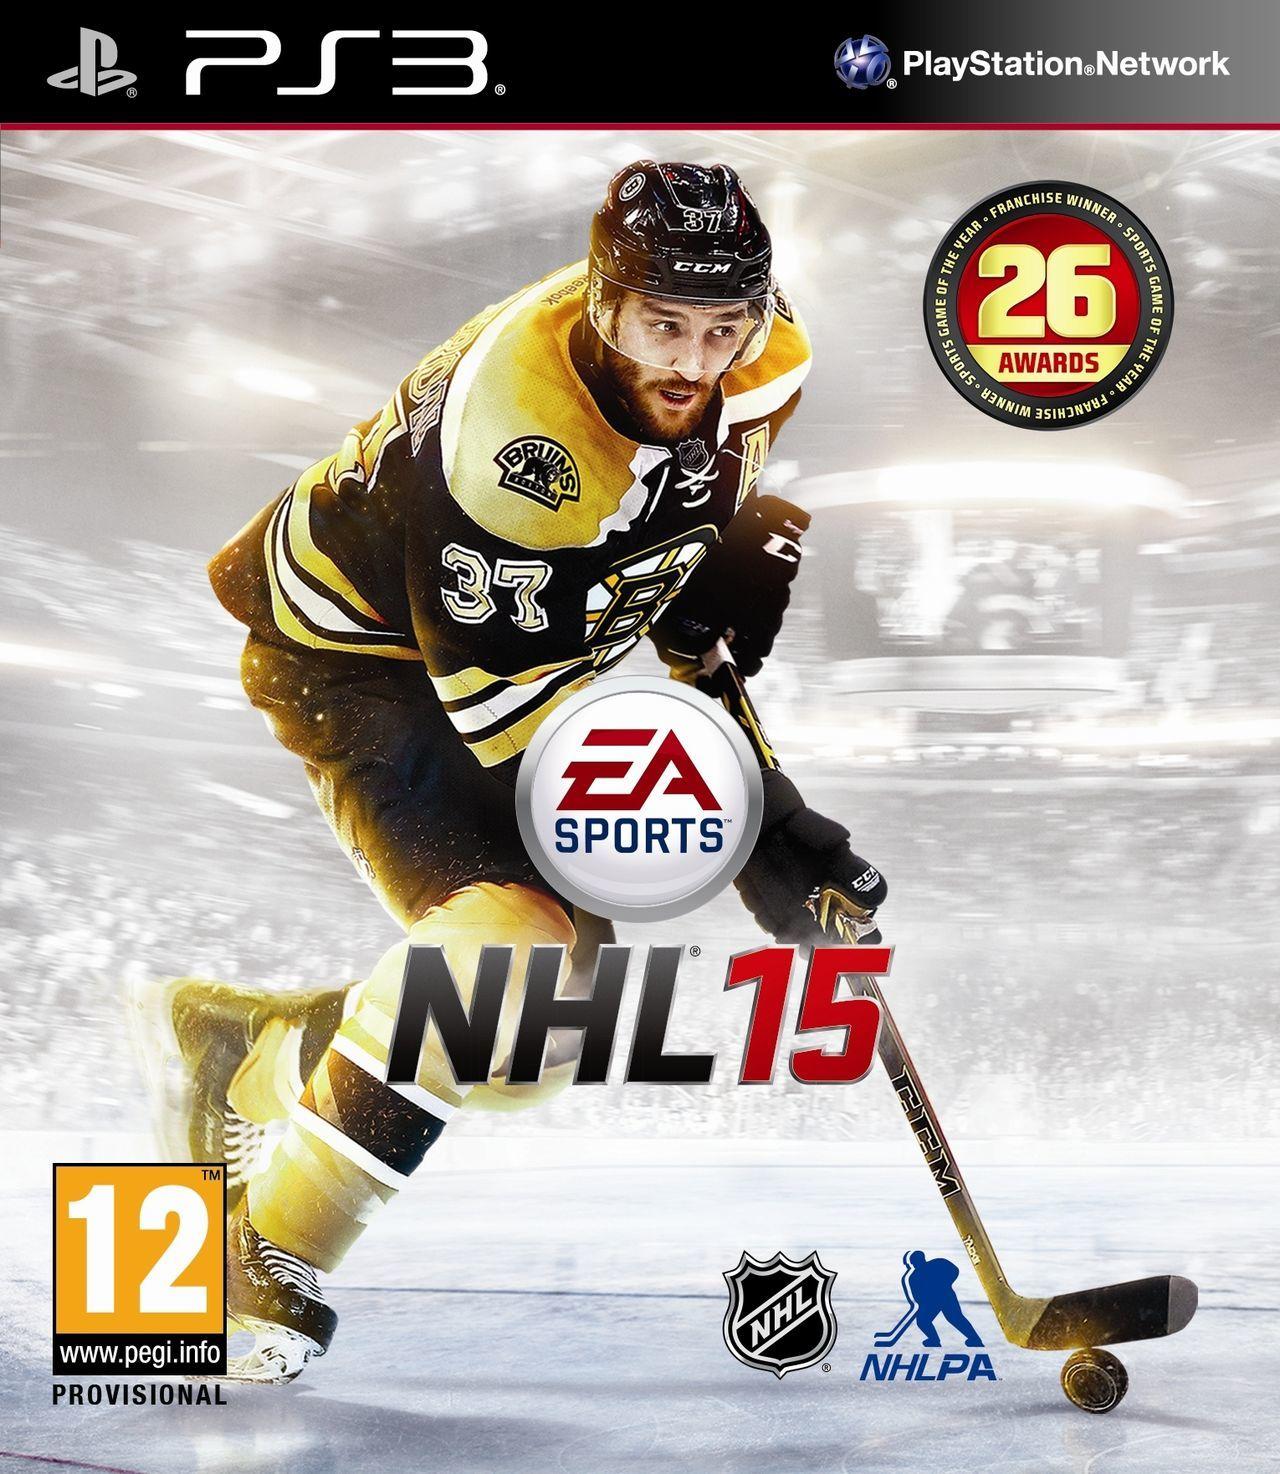 Jugadores de hockey se meten goles como pollas -